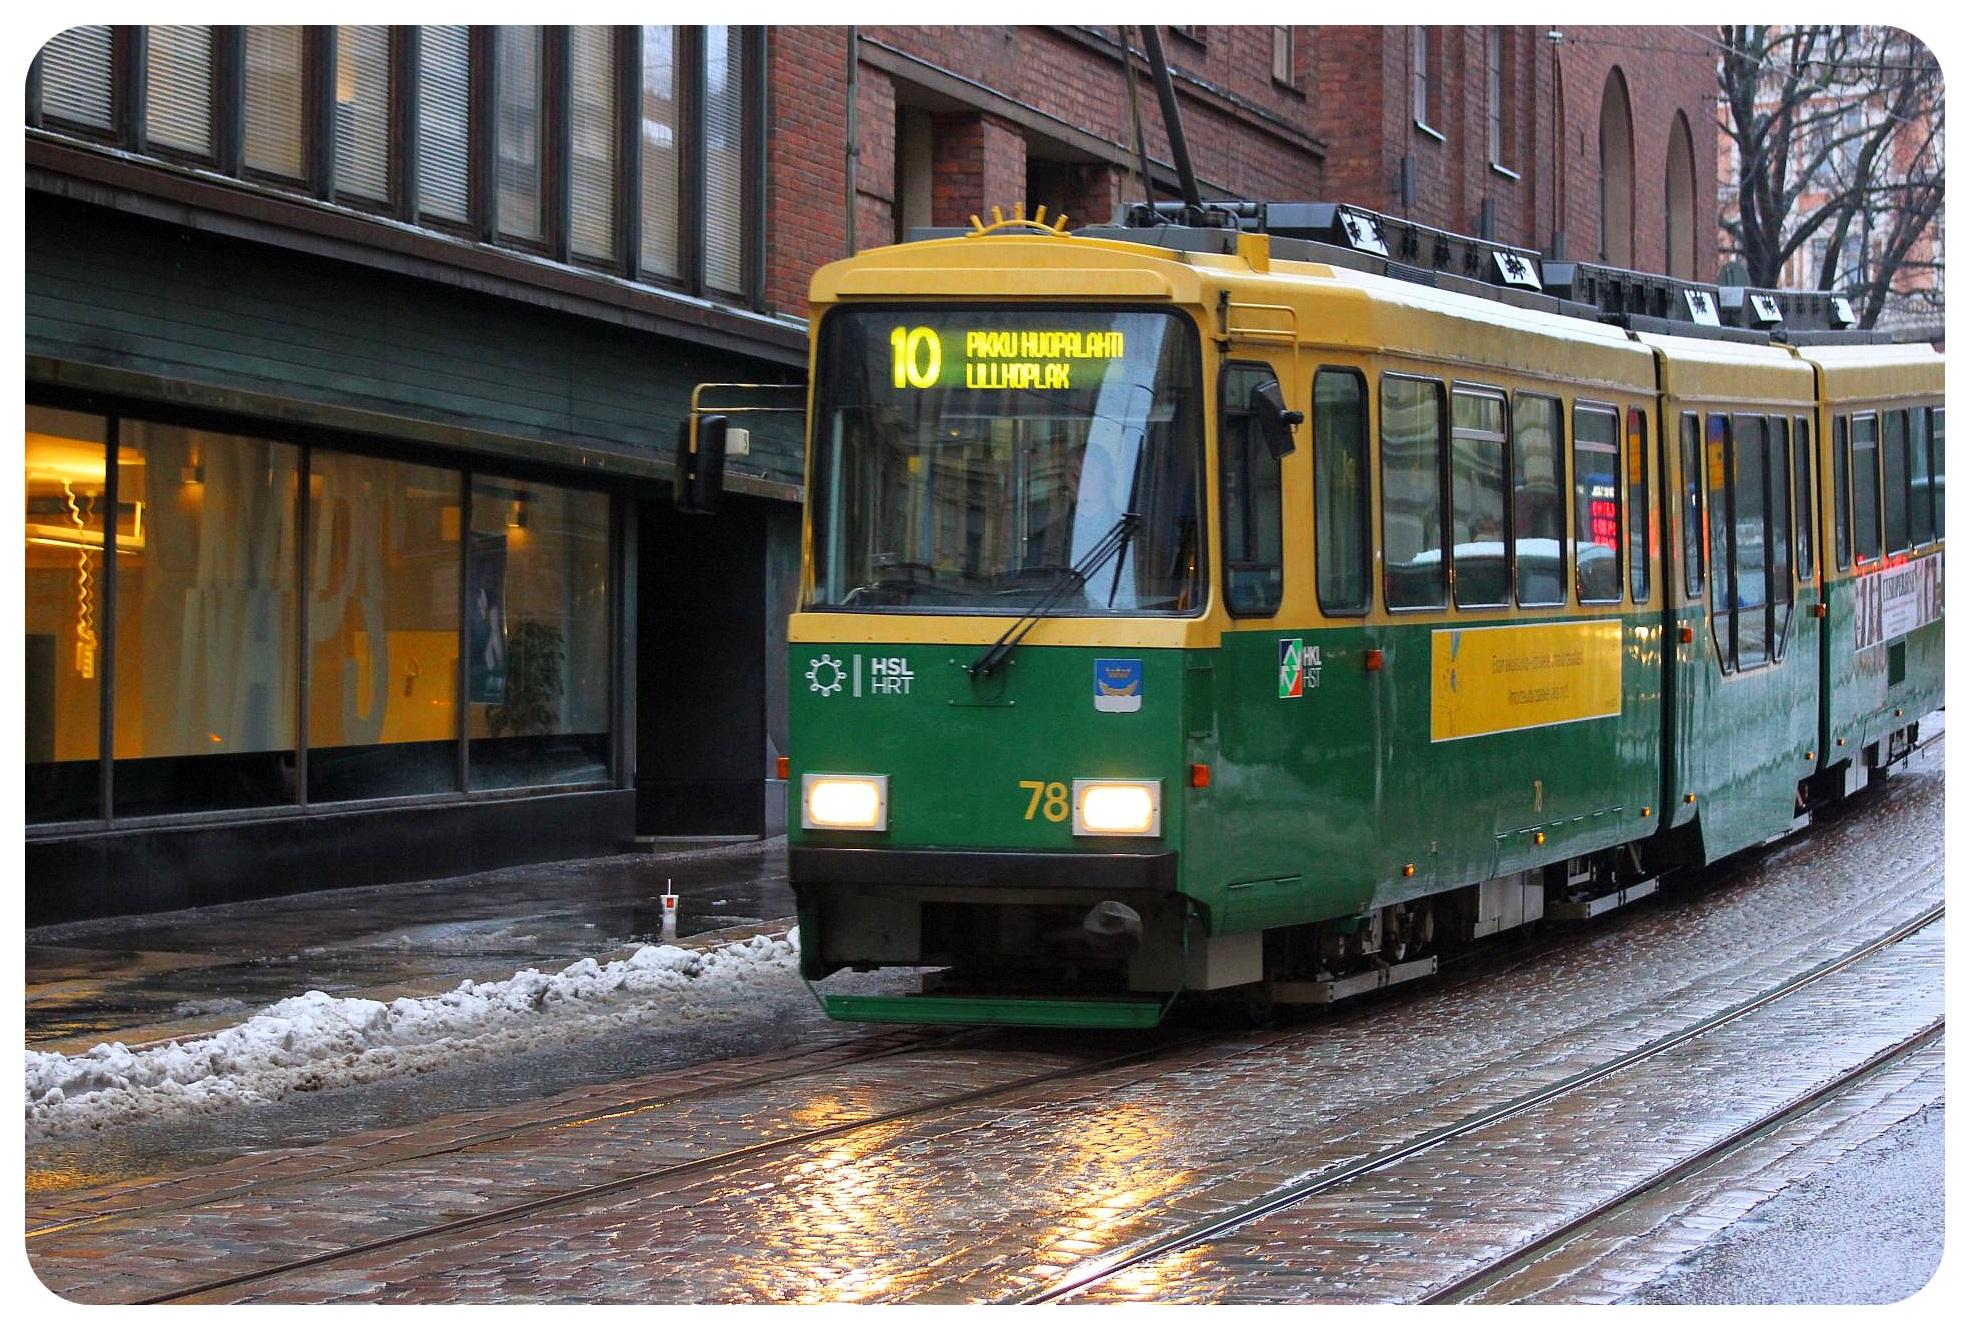 finland helsinki tram